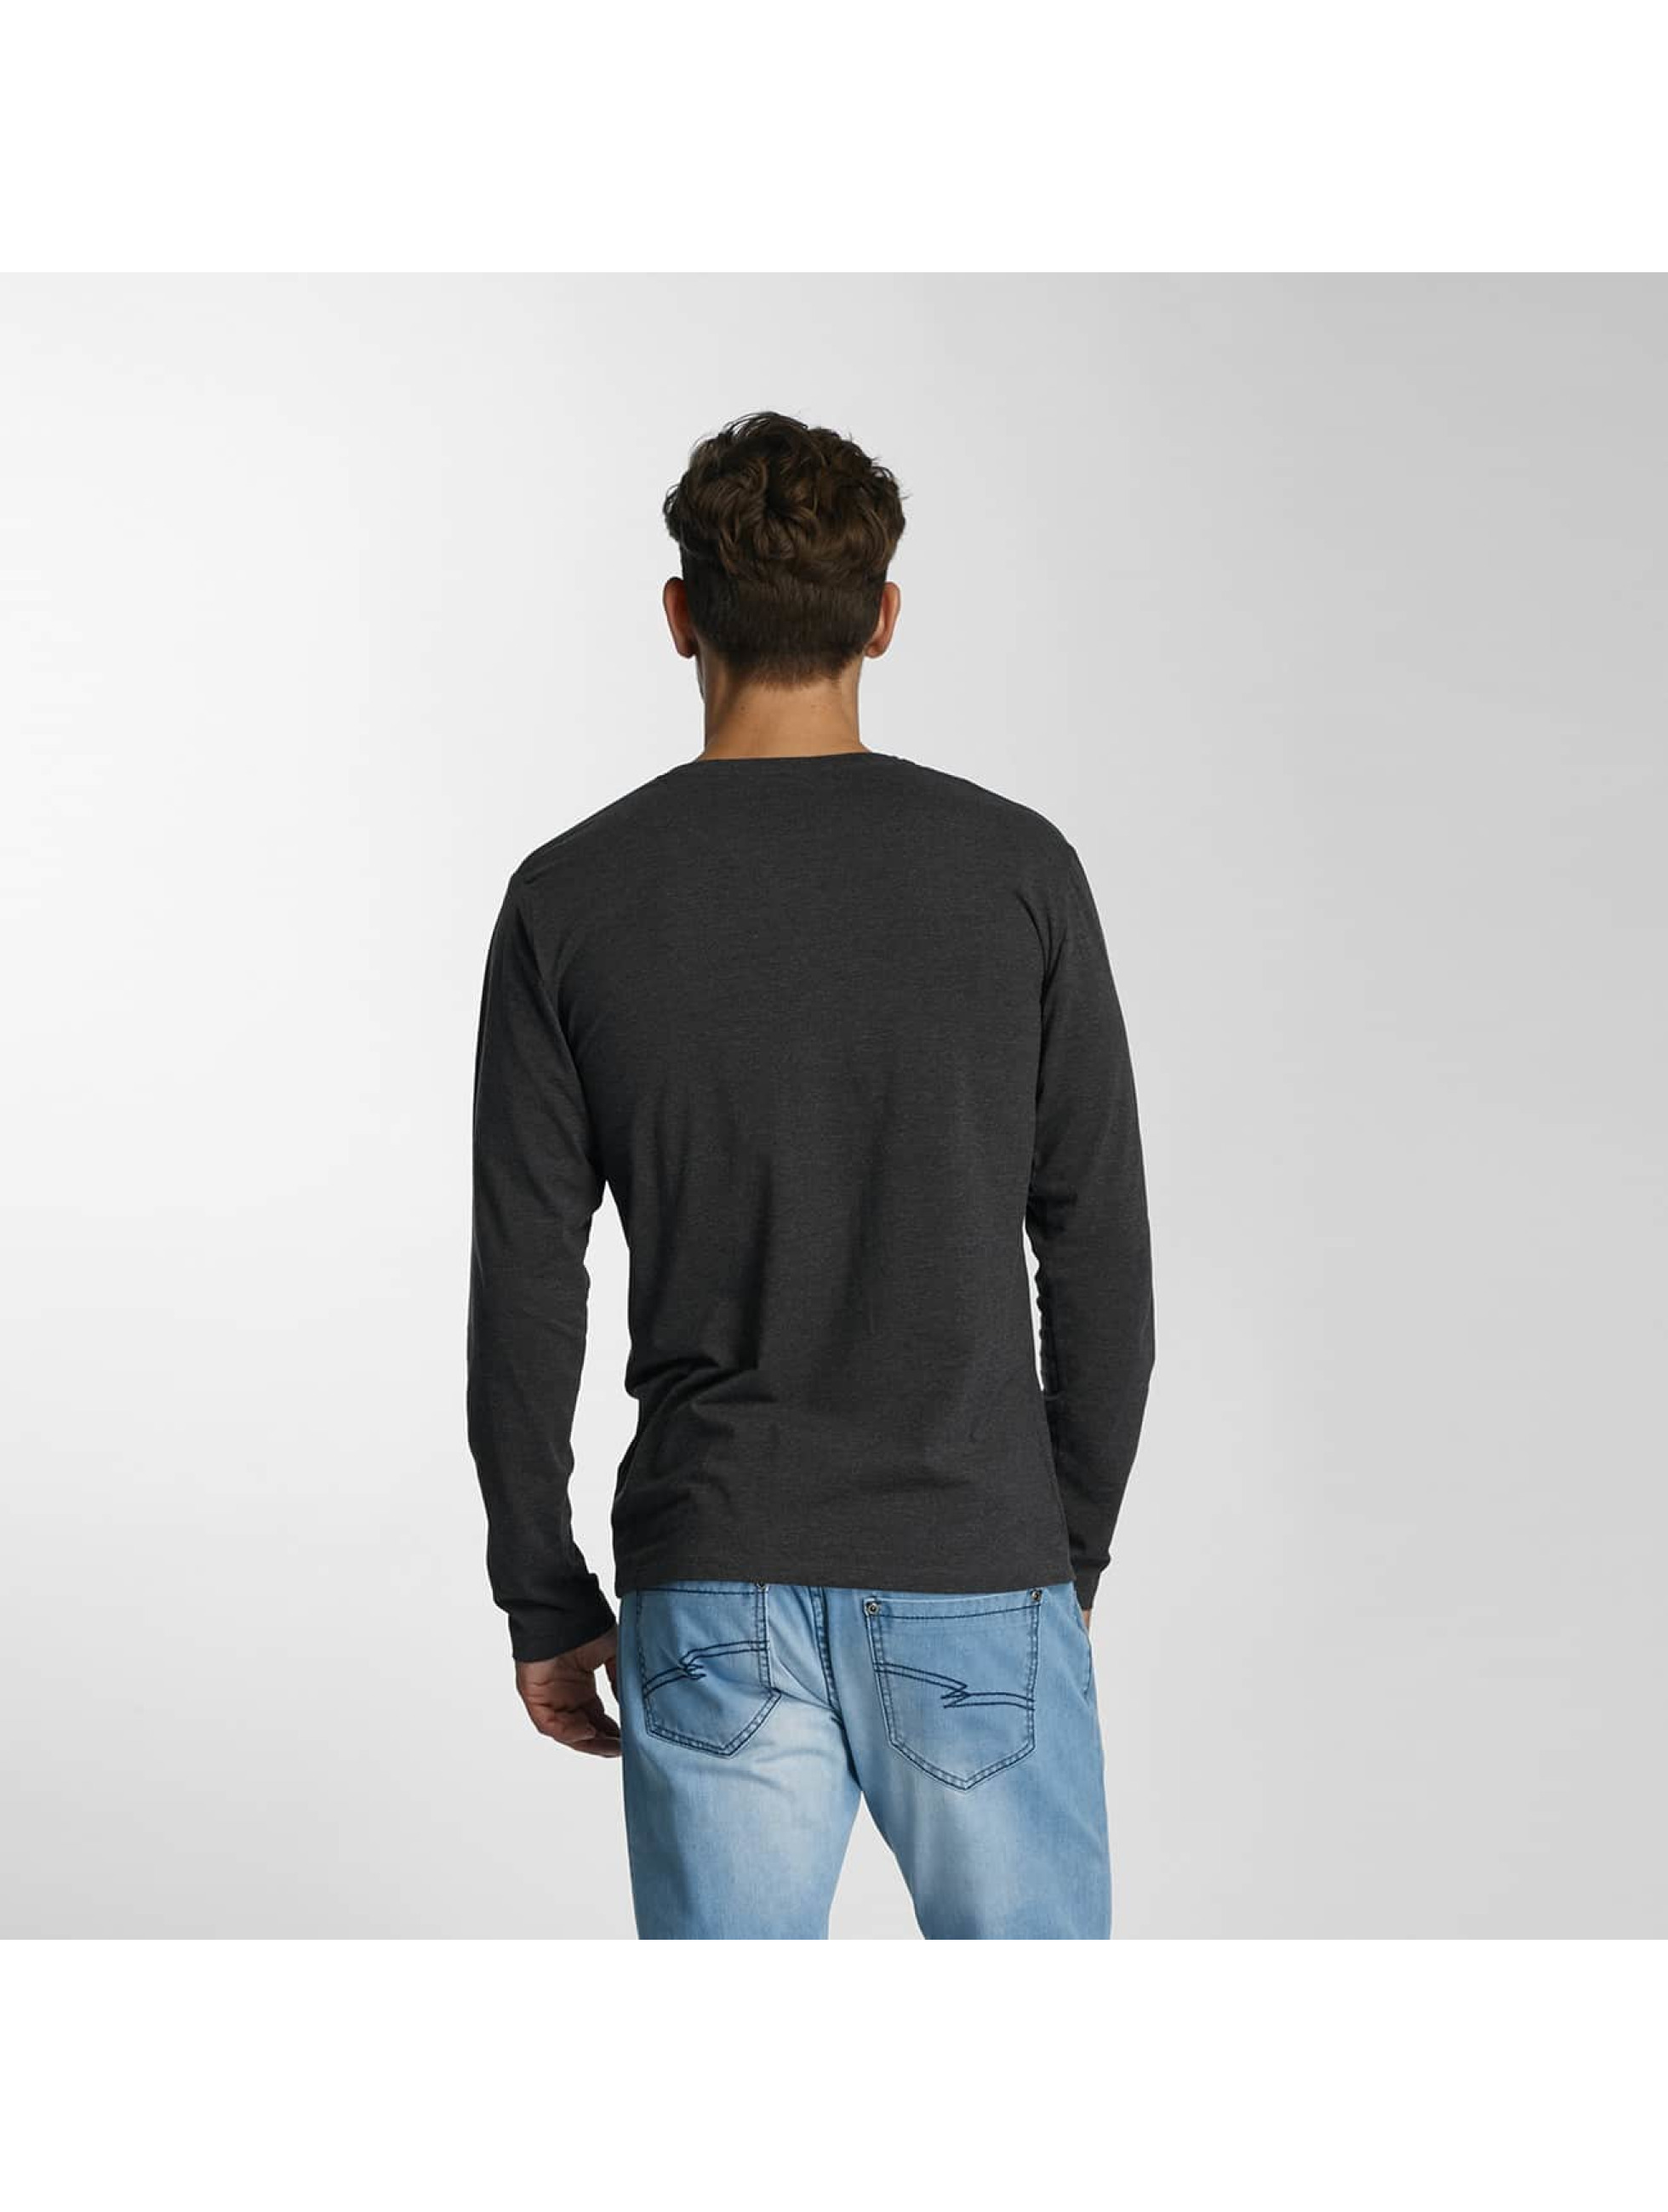 Paris Premium Longsleeve Basic Longsleeve grijs